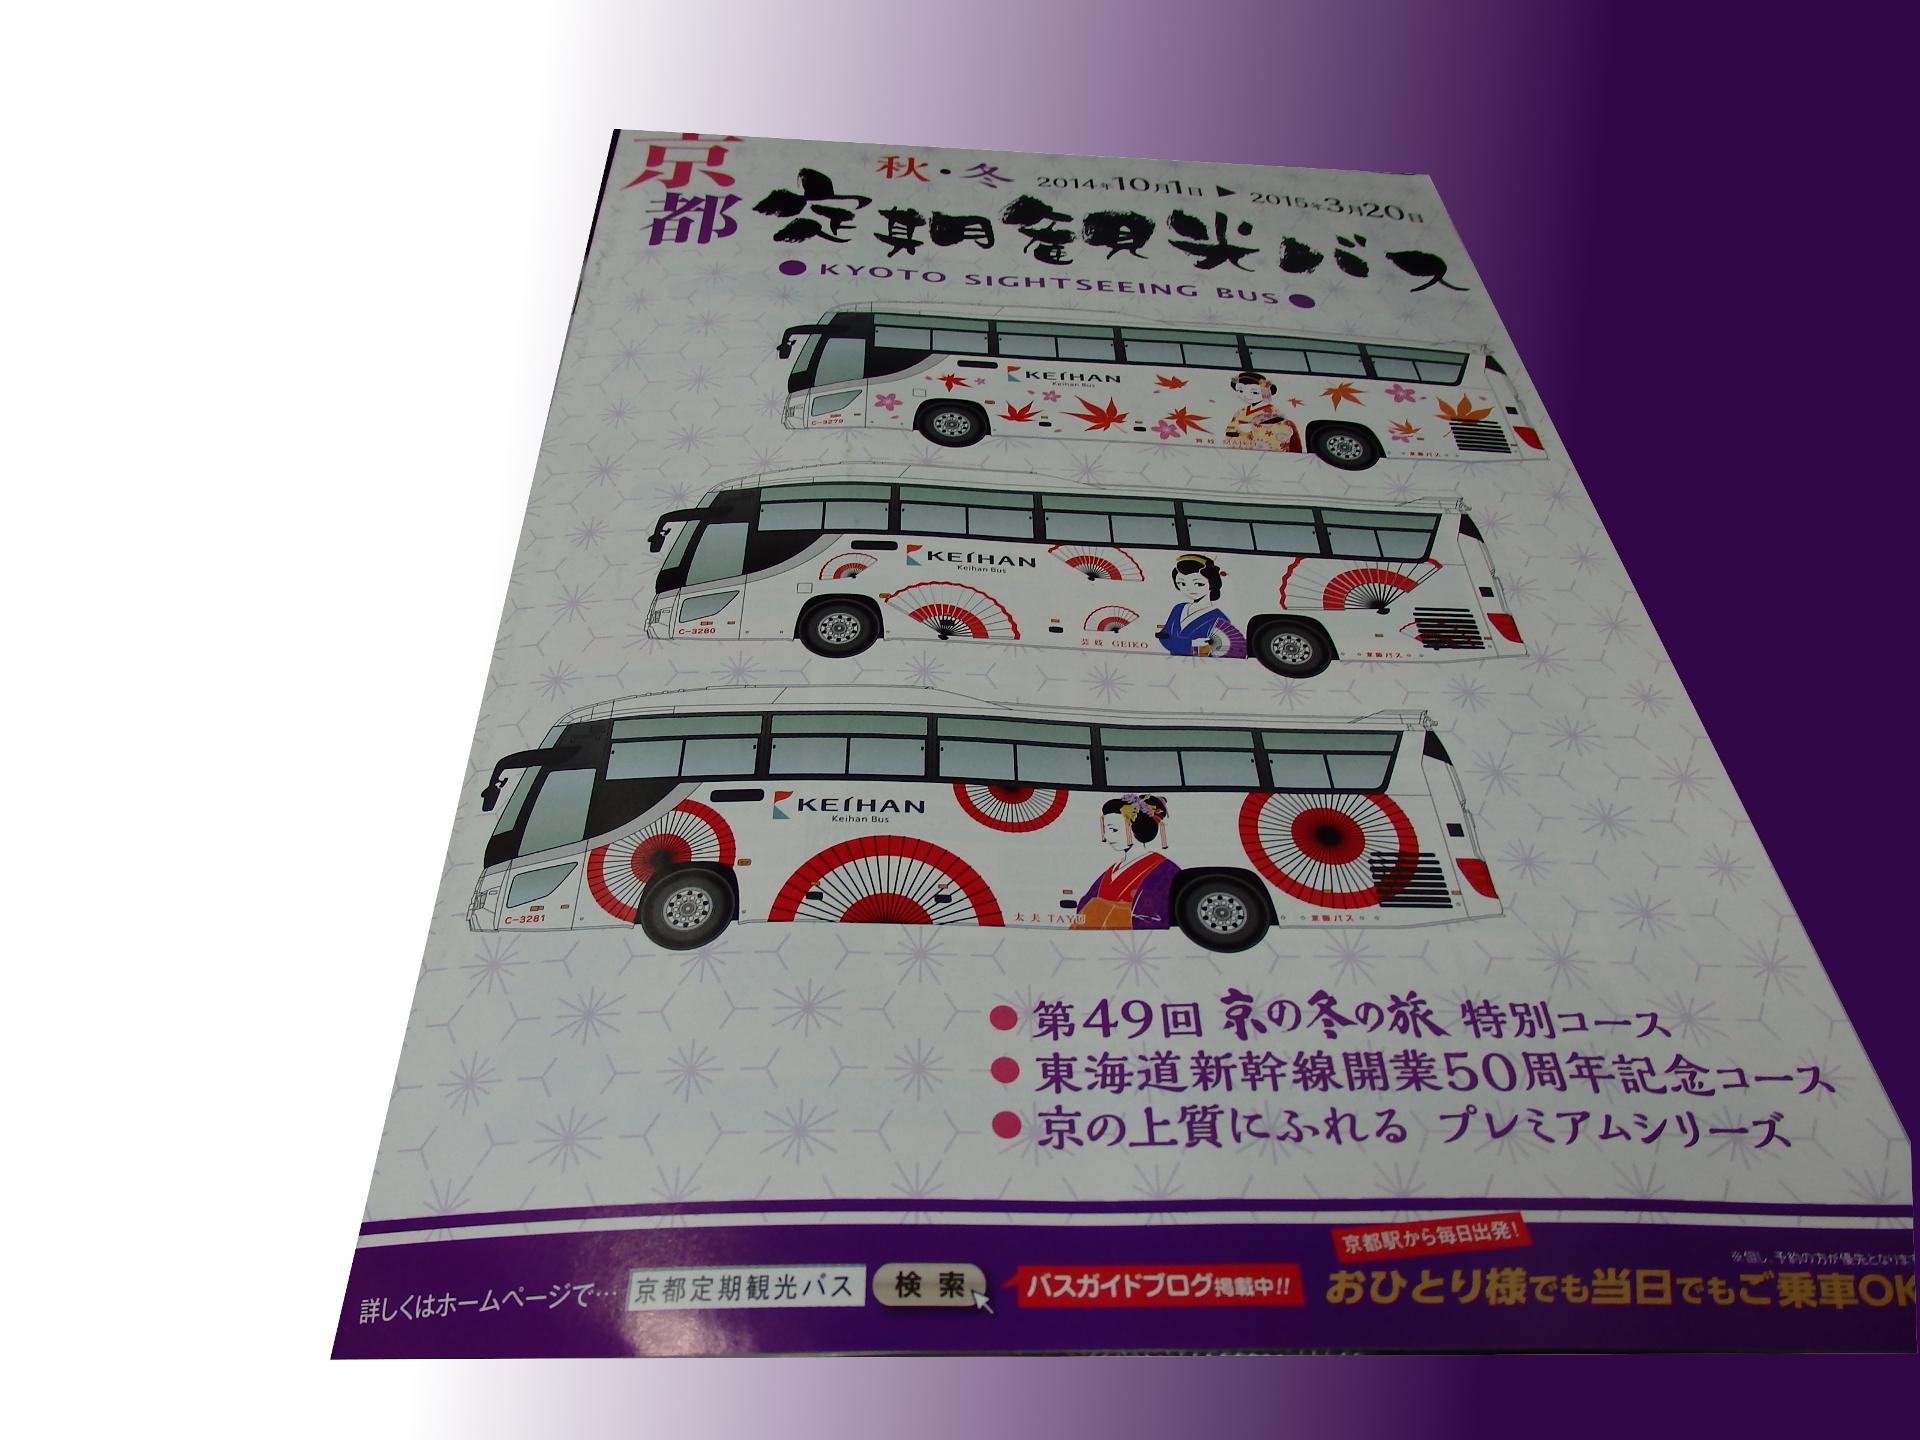 京阪の特別ラッピングバスのパンフレット。